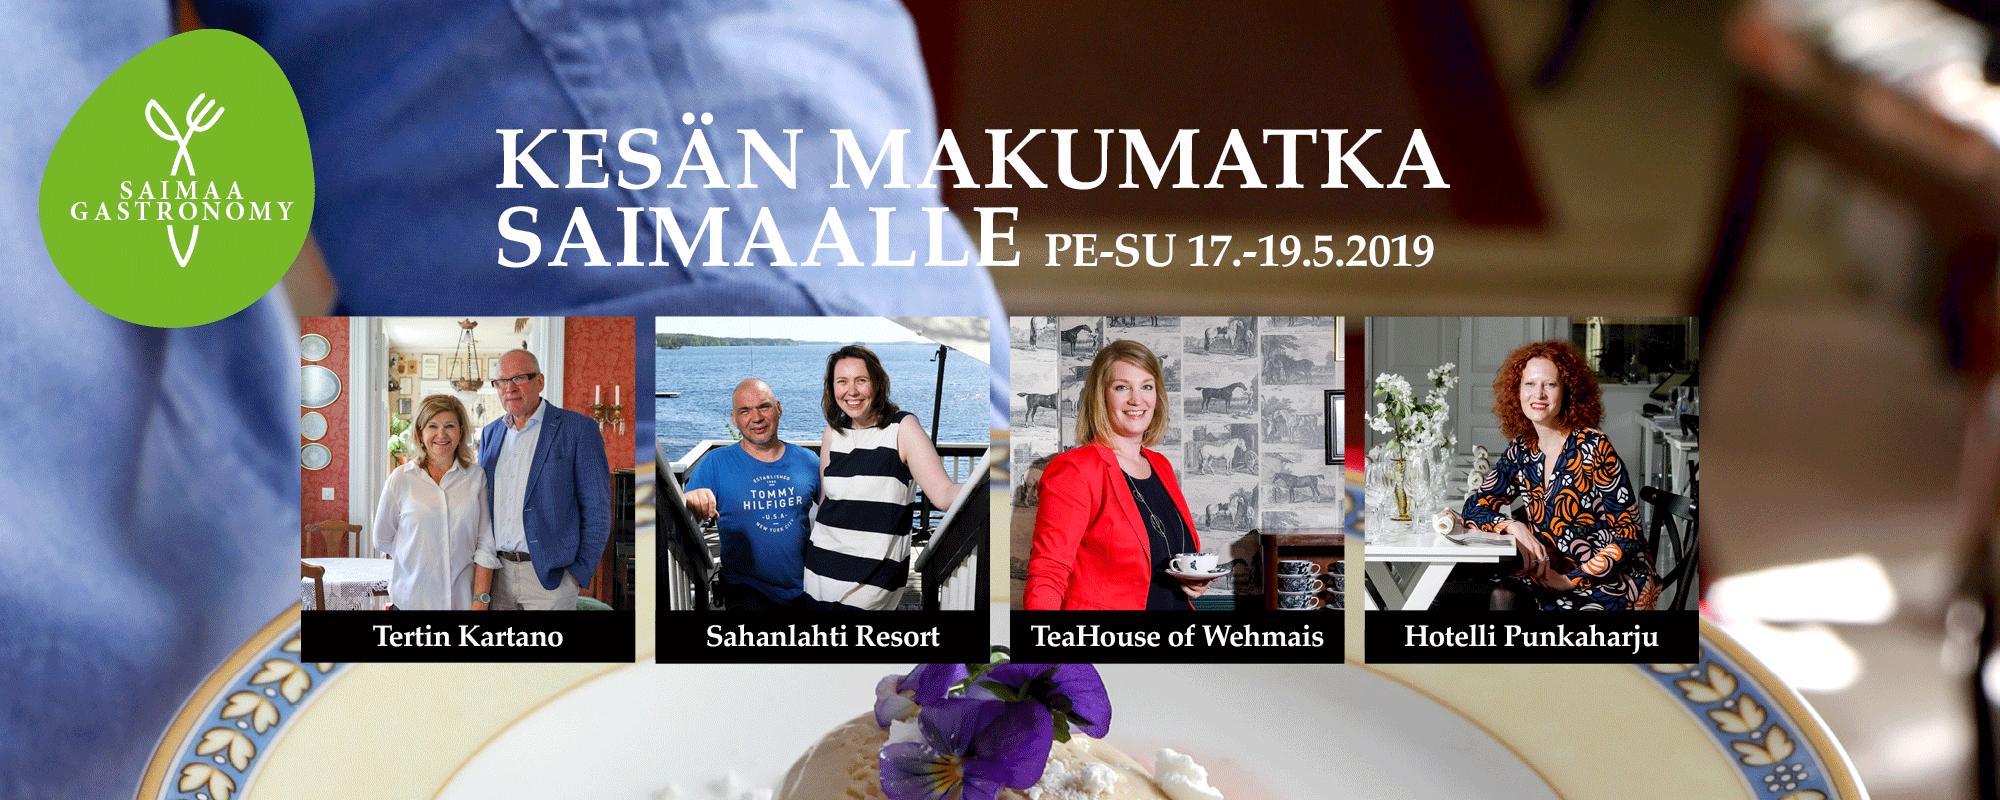 Kesän makumatka Saimaalle pe-su 17.-19.5.2019